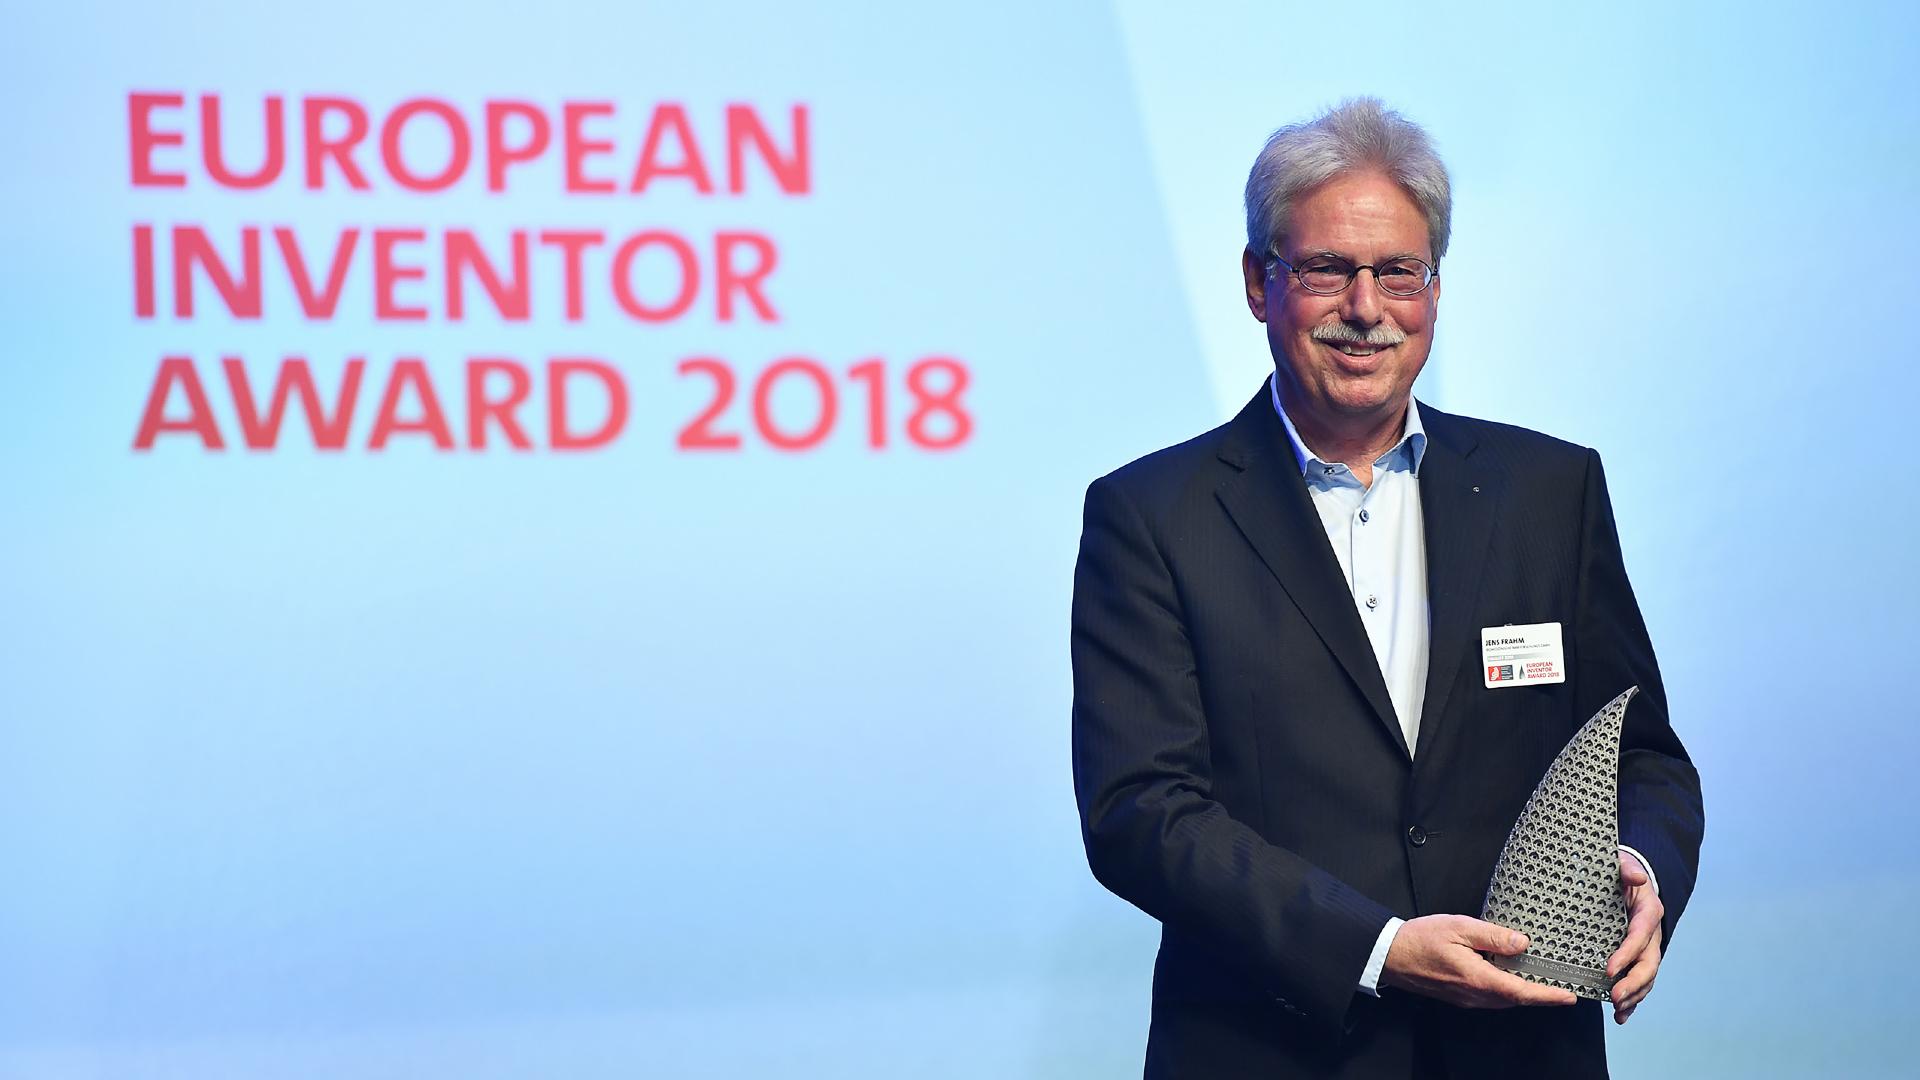 Gewinner des Europäischen Erfinderpreises mit Trophäe